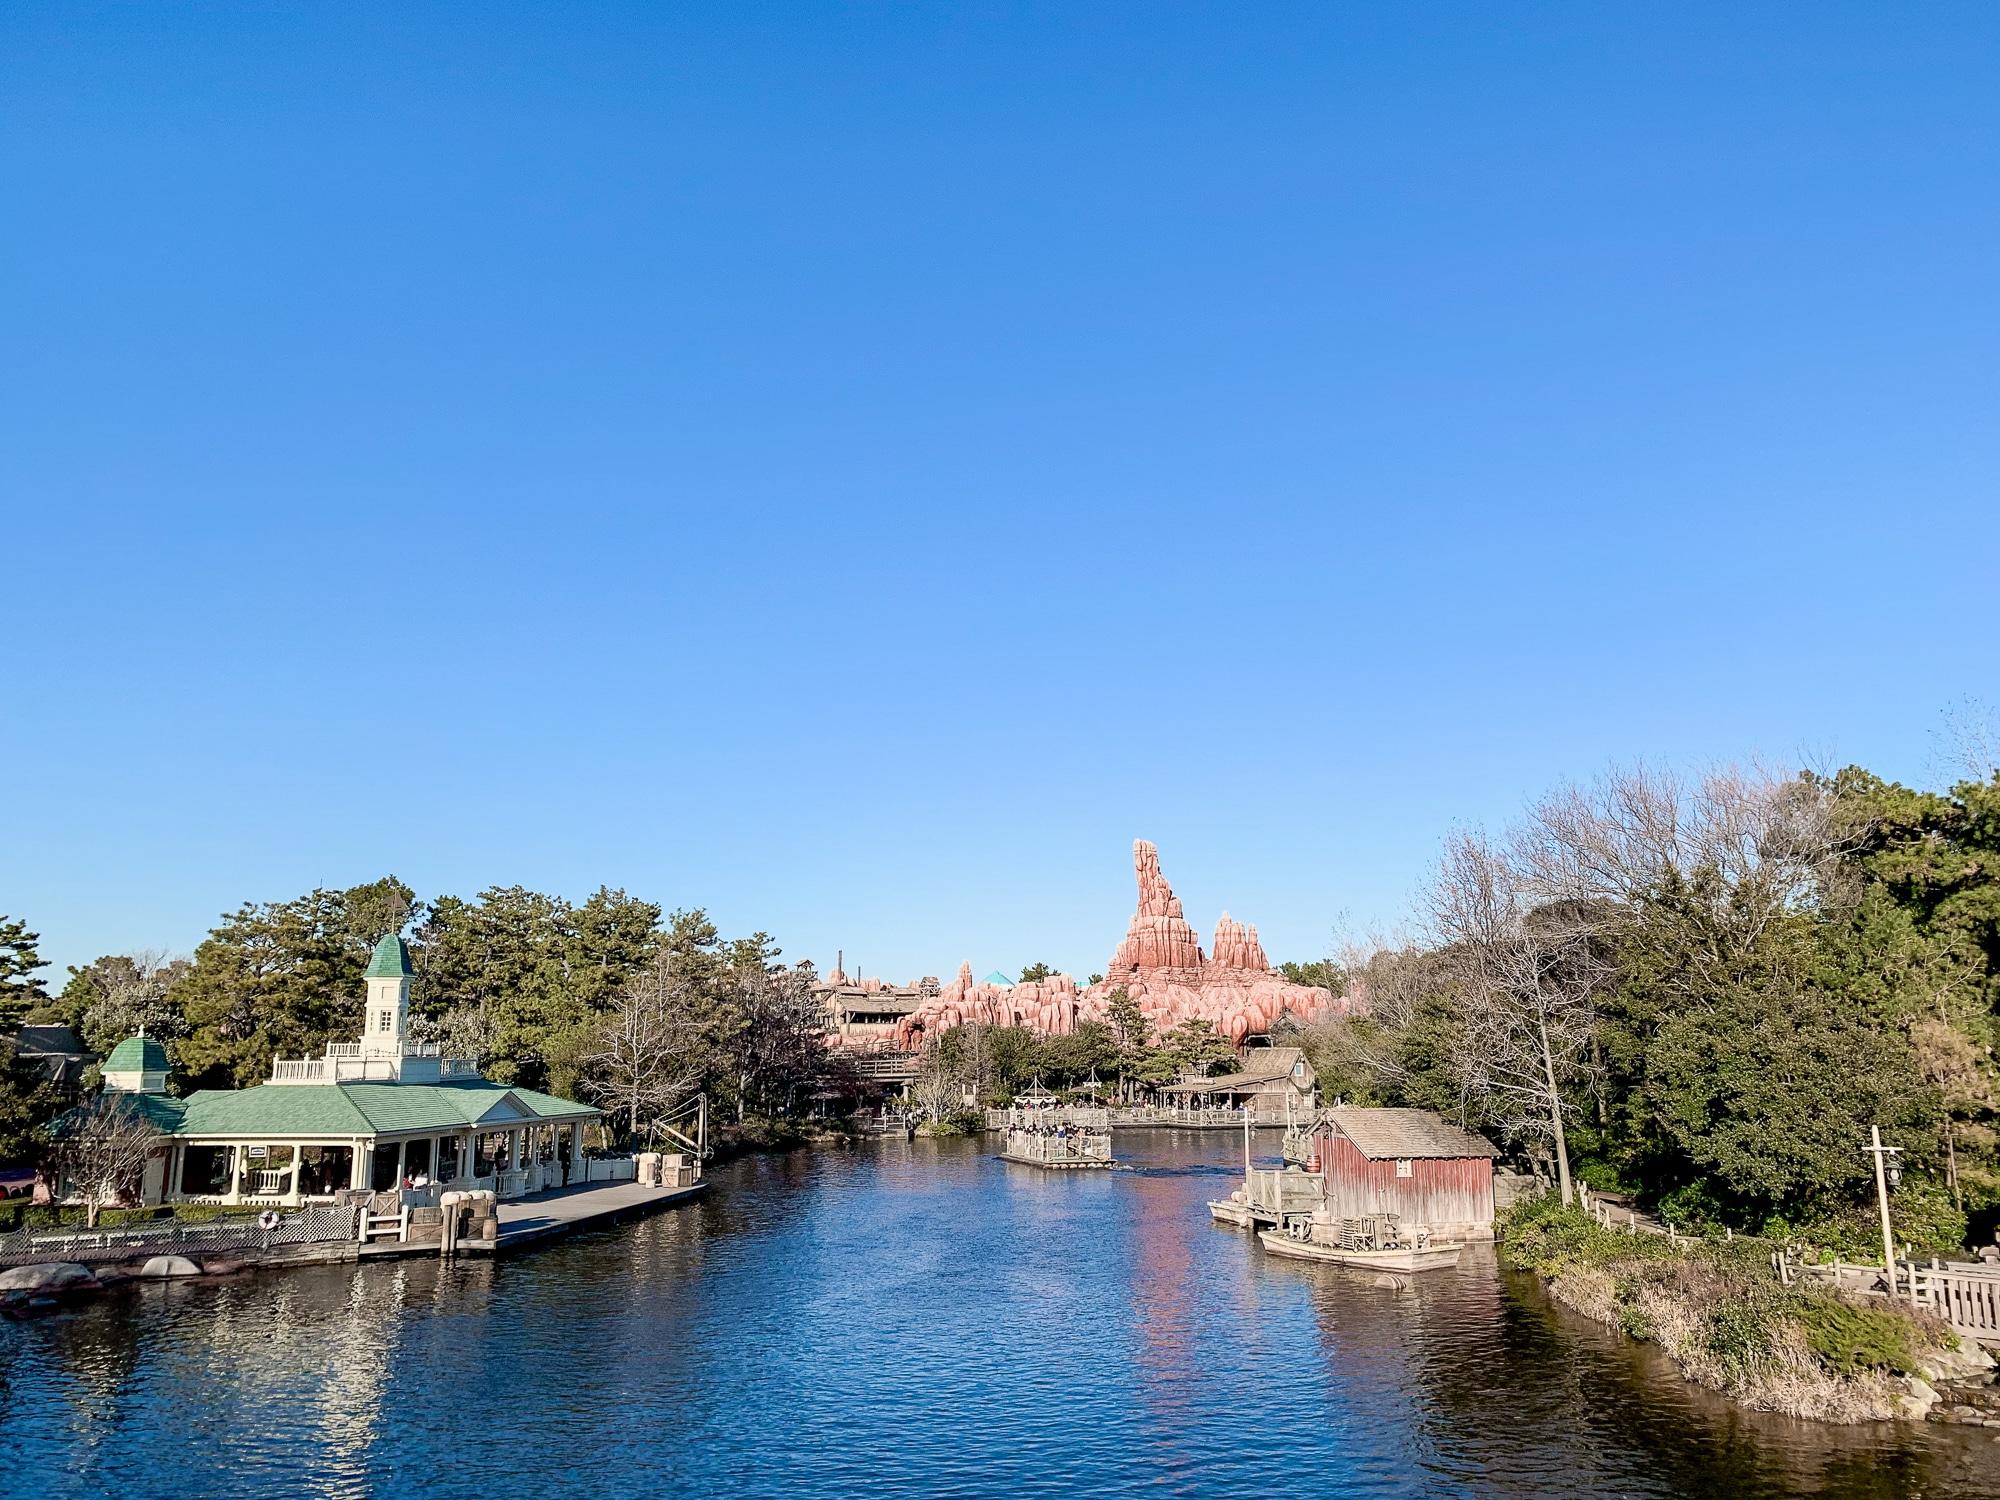 Disneyland Tokio: Meine Erfahrungen, Attraktionen und Highlights im Park - Westernland Mark Twain River